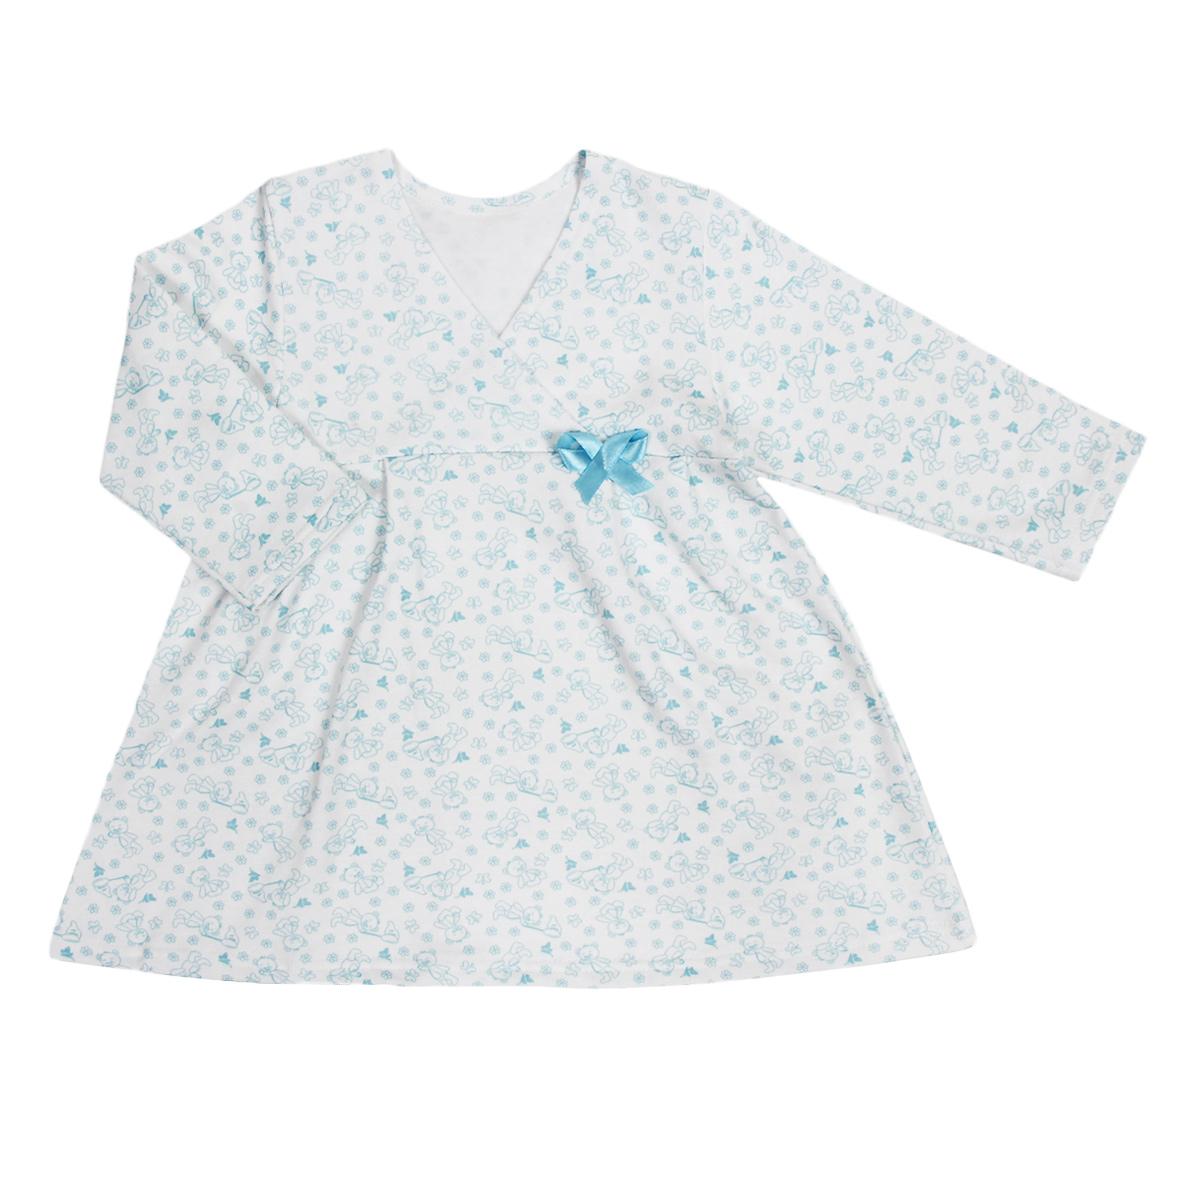 Сорочка ночная для девочки Трон-плюс, цвет: белый, голубой, рисунок мишки. 5522. Размер 98/104, 3-5 лет5522Яркая сорочка Трон-плюс идеально подойдет вашей малышке и станет отличным дополнением к детскому гардеробу. Теплая сорочка, изготовленная из футера - натурального хлопка, необычайно мягкая и легкая, не сковывает движения ребенка, позволяет коже дышать и не раздражает даже самую нежную и чувствительную кожу малыша. Сорочка трапециевидного кроя с длинными рукавами, V-образным вырезом горловины. Полочка состоит из двух частей, заходящих друг на друга. По переднему и заднему полотнищам юбки заложены небольшие складки. Сорочка оформлена атласным бантиком.В такой сорочке ваш ребенок будет чувствовать себя комфортно и уютно во время сна.